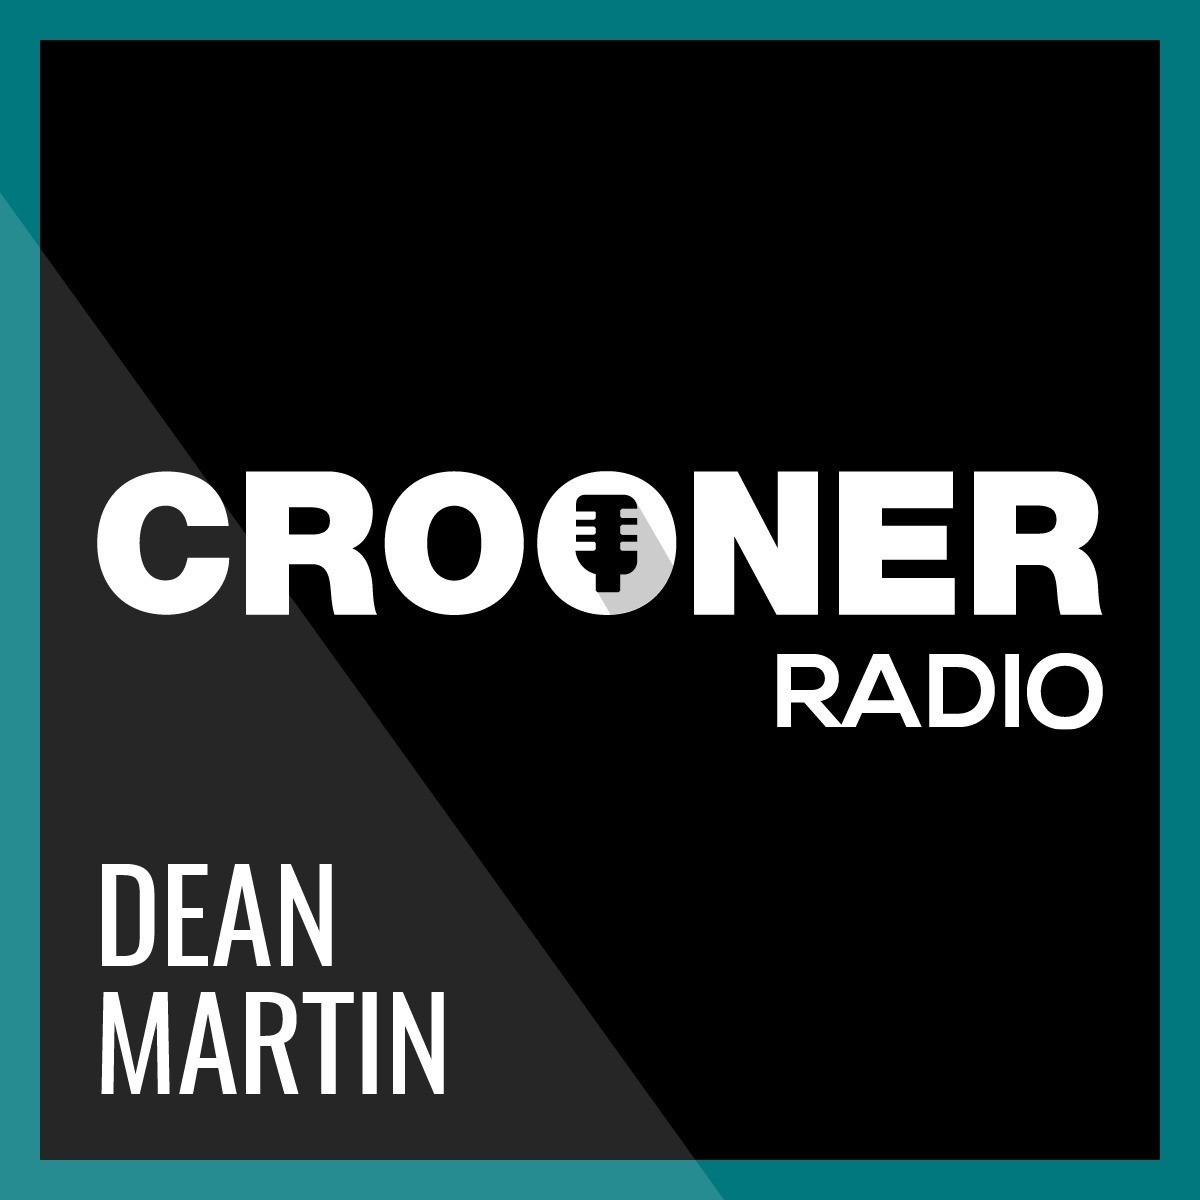 Dean Martin - Crooner Radio